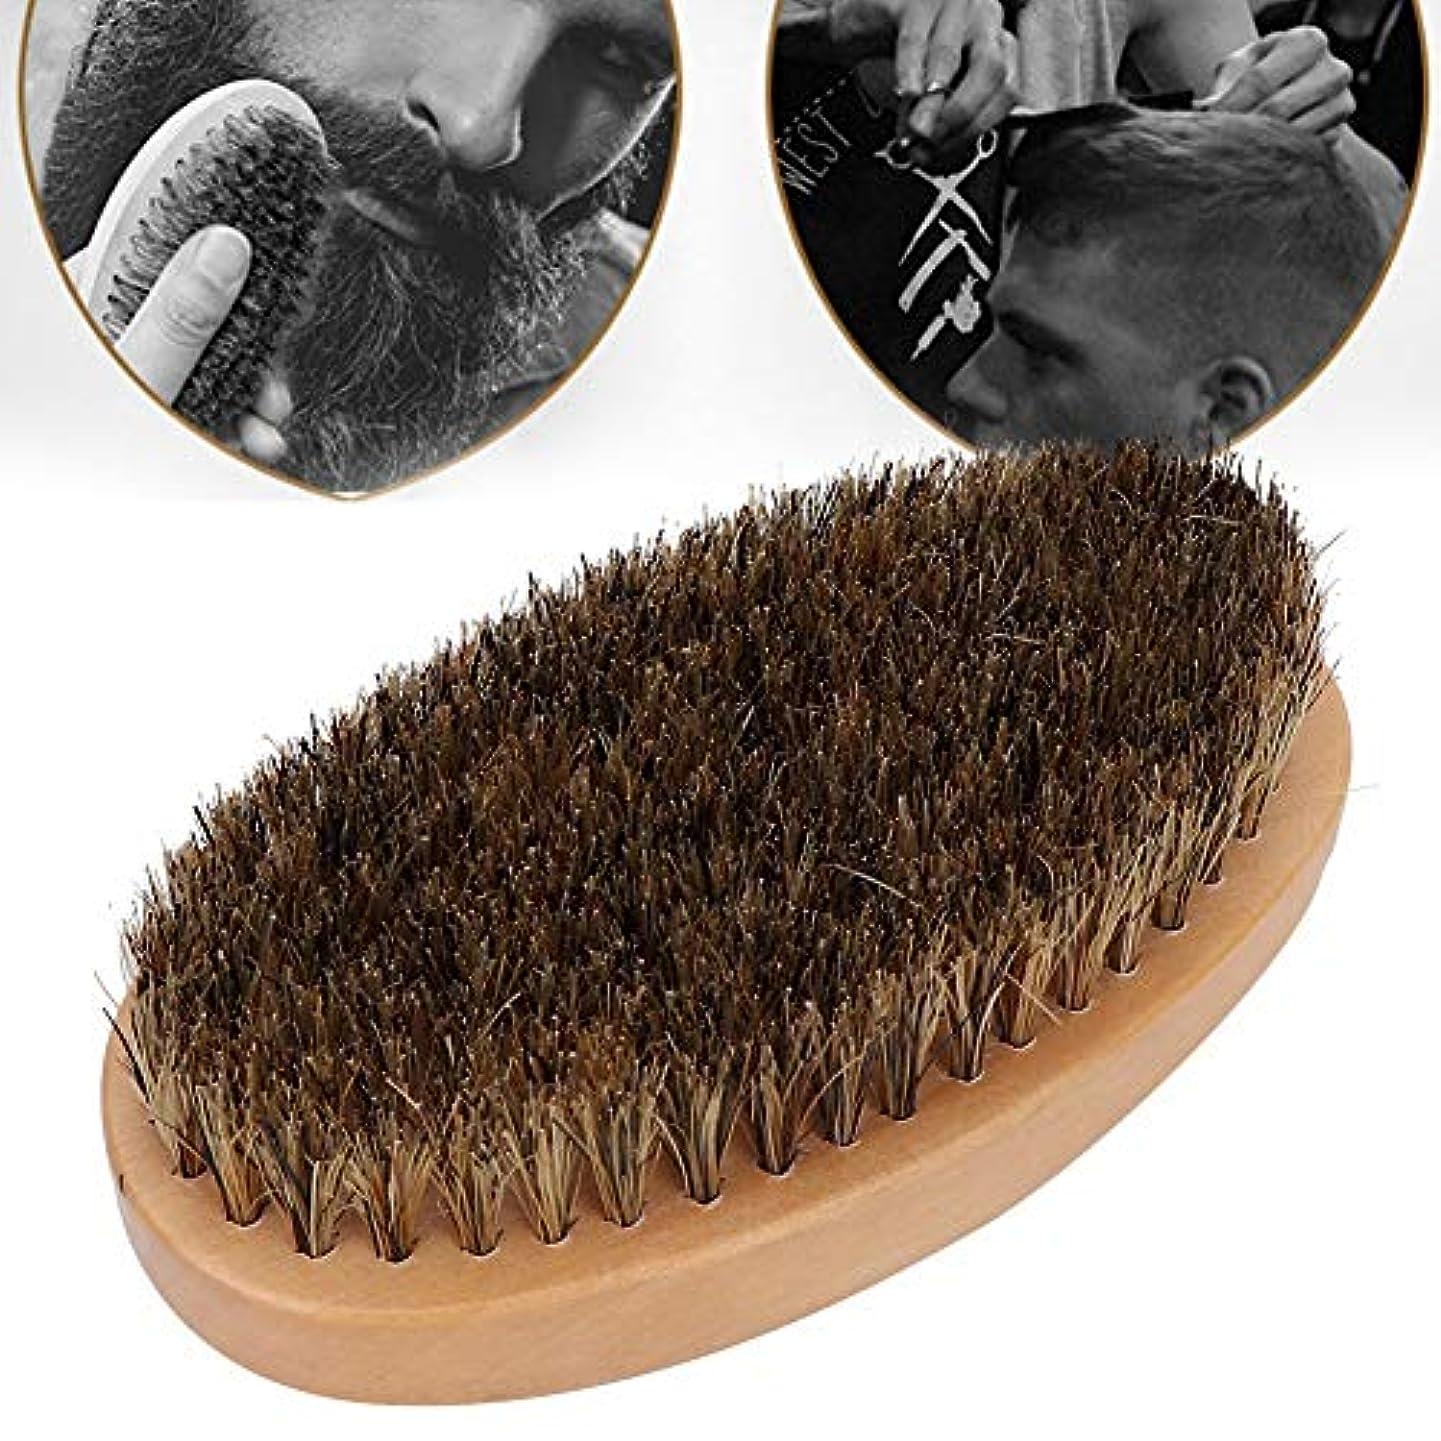 ソーセージ鰐バング男性用の壊れた髪の掃除ひげブラシヘアコーム, 男性用のプロの壊れた髪抜本的なひげブラシヘアコーム理髪くし